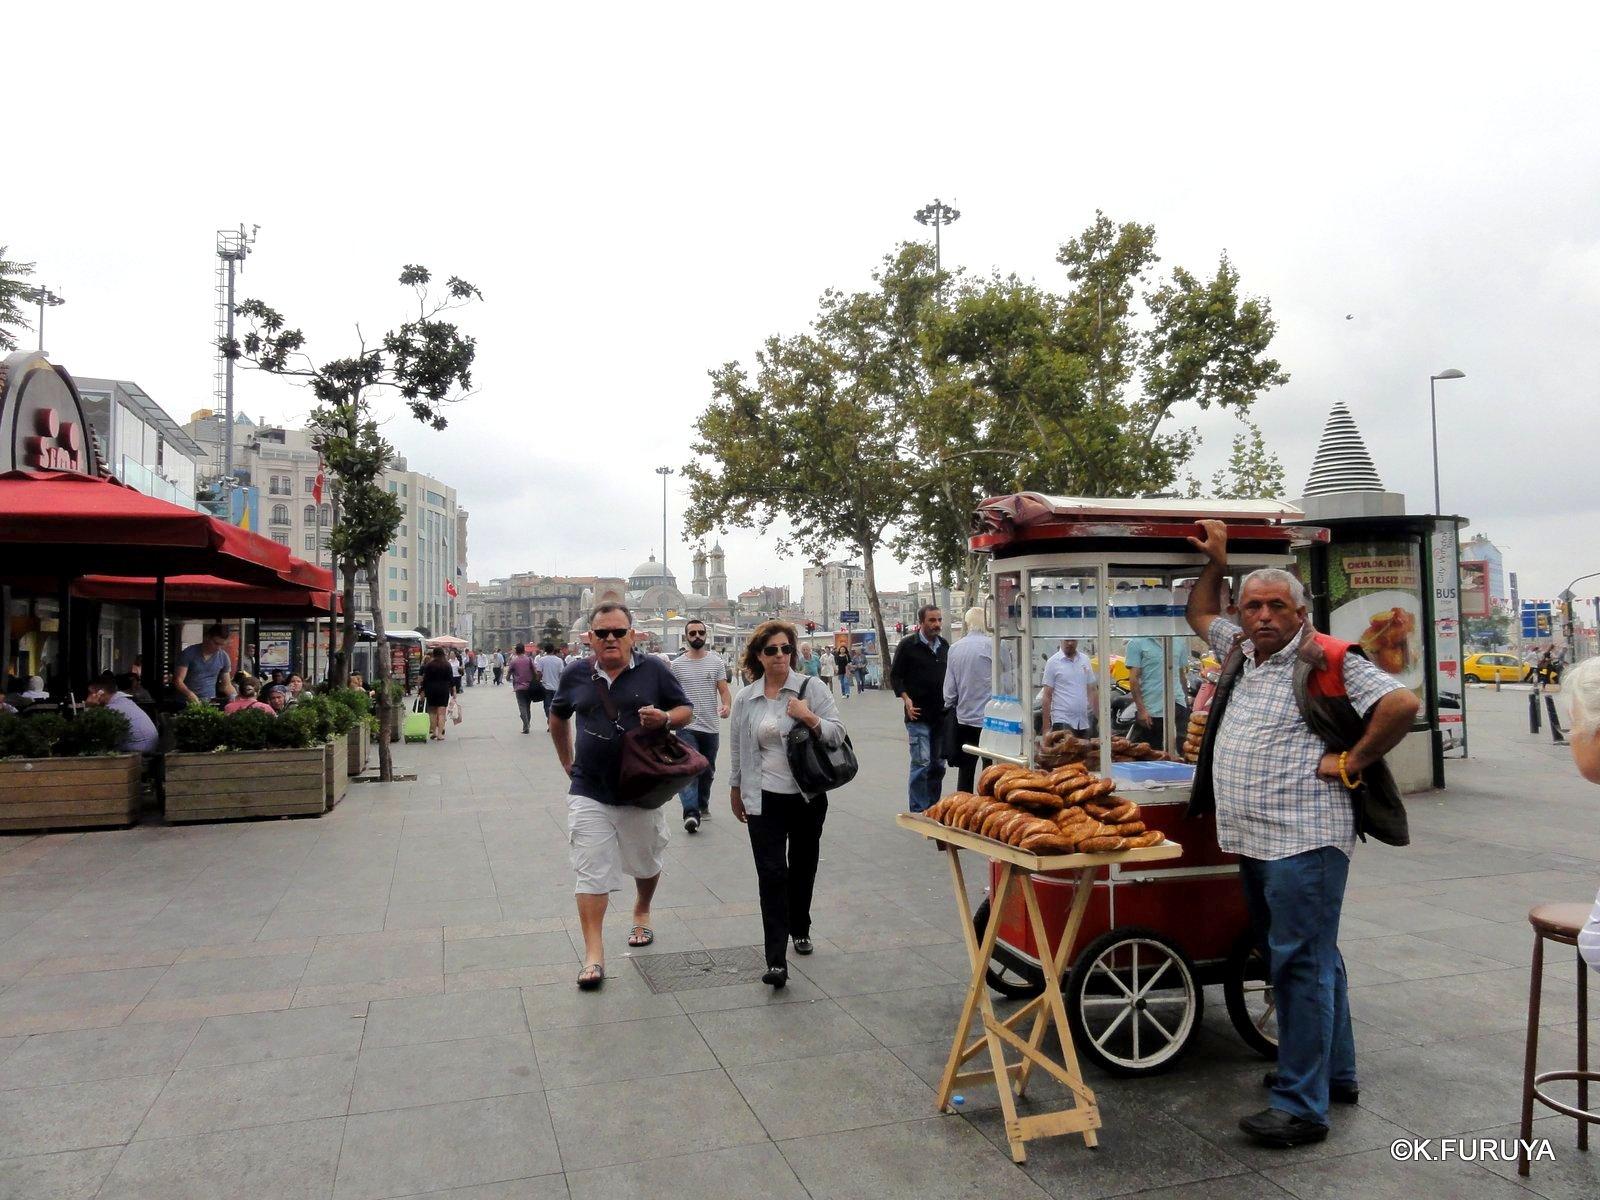 トルコ旅行記 42 イスタンブール タクシム広場_a0092659_2247285.jpg